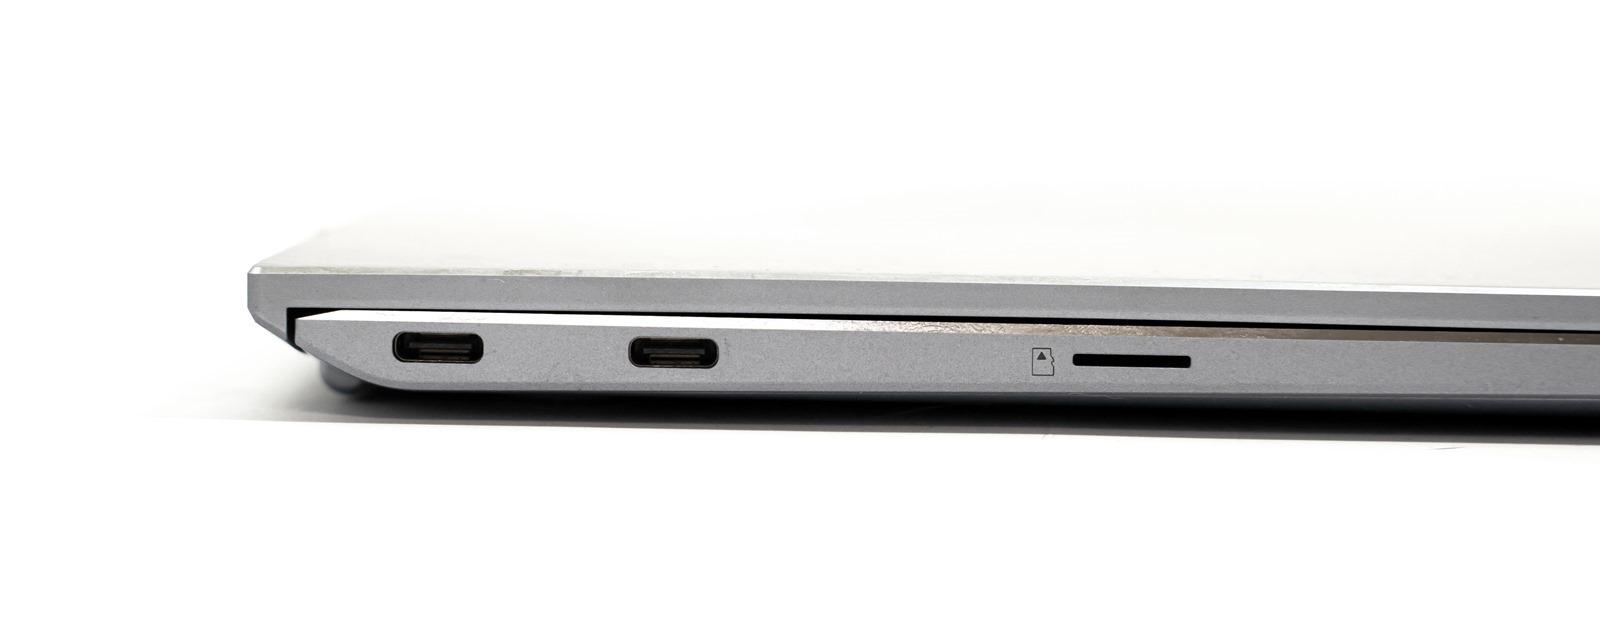 美.力無邊!ASUS ZenBook S13 (UX392) 最輕巧獨顯筆電驚艷世界! @3C 達人廖阿輝